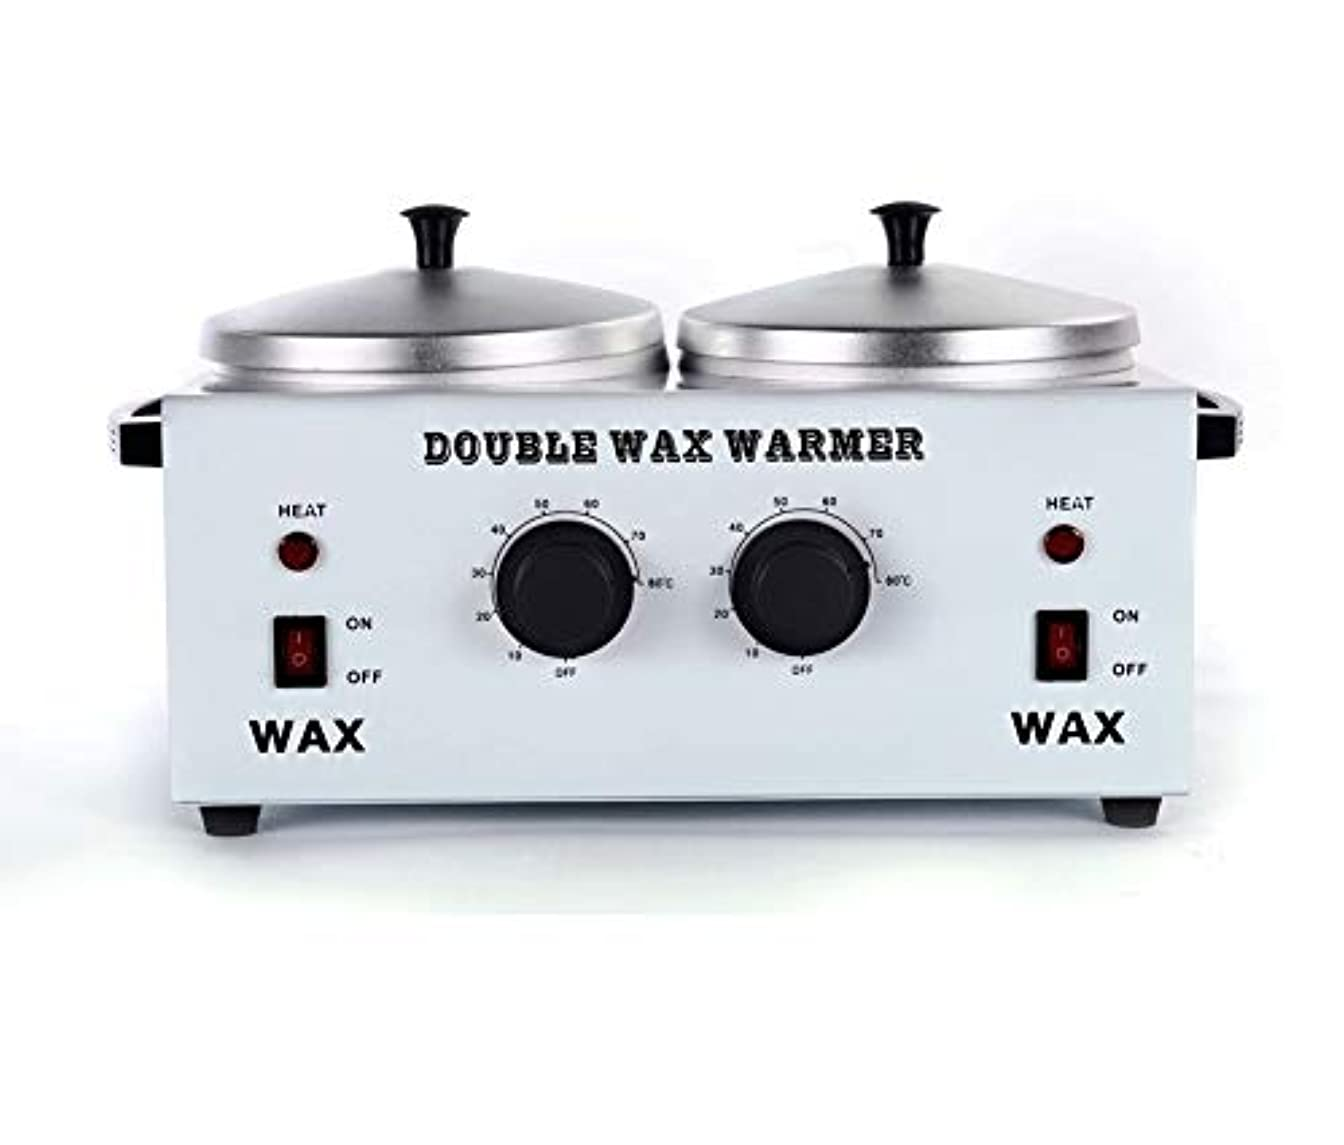 旋律的任命お尻ワックスヒータープロフェッショナルダブルポット脱毛ワックスウォーマー、すべてのWAXS(ソフト、ハード、パラフィン)用電動ワックスヒーター機械ファストメルトポータブル人種のるつぼ